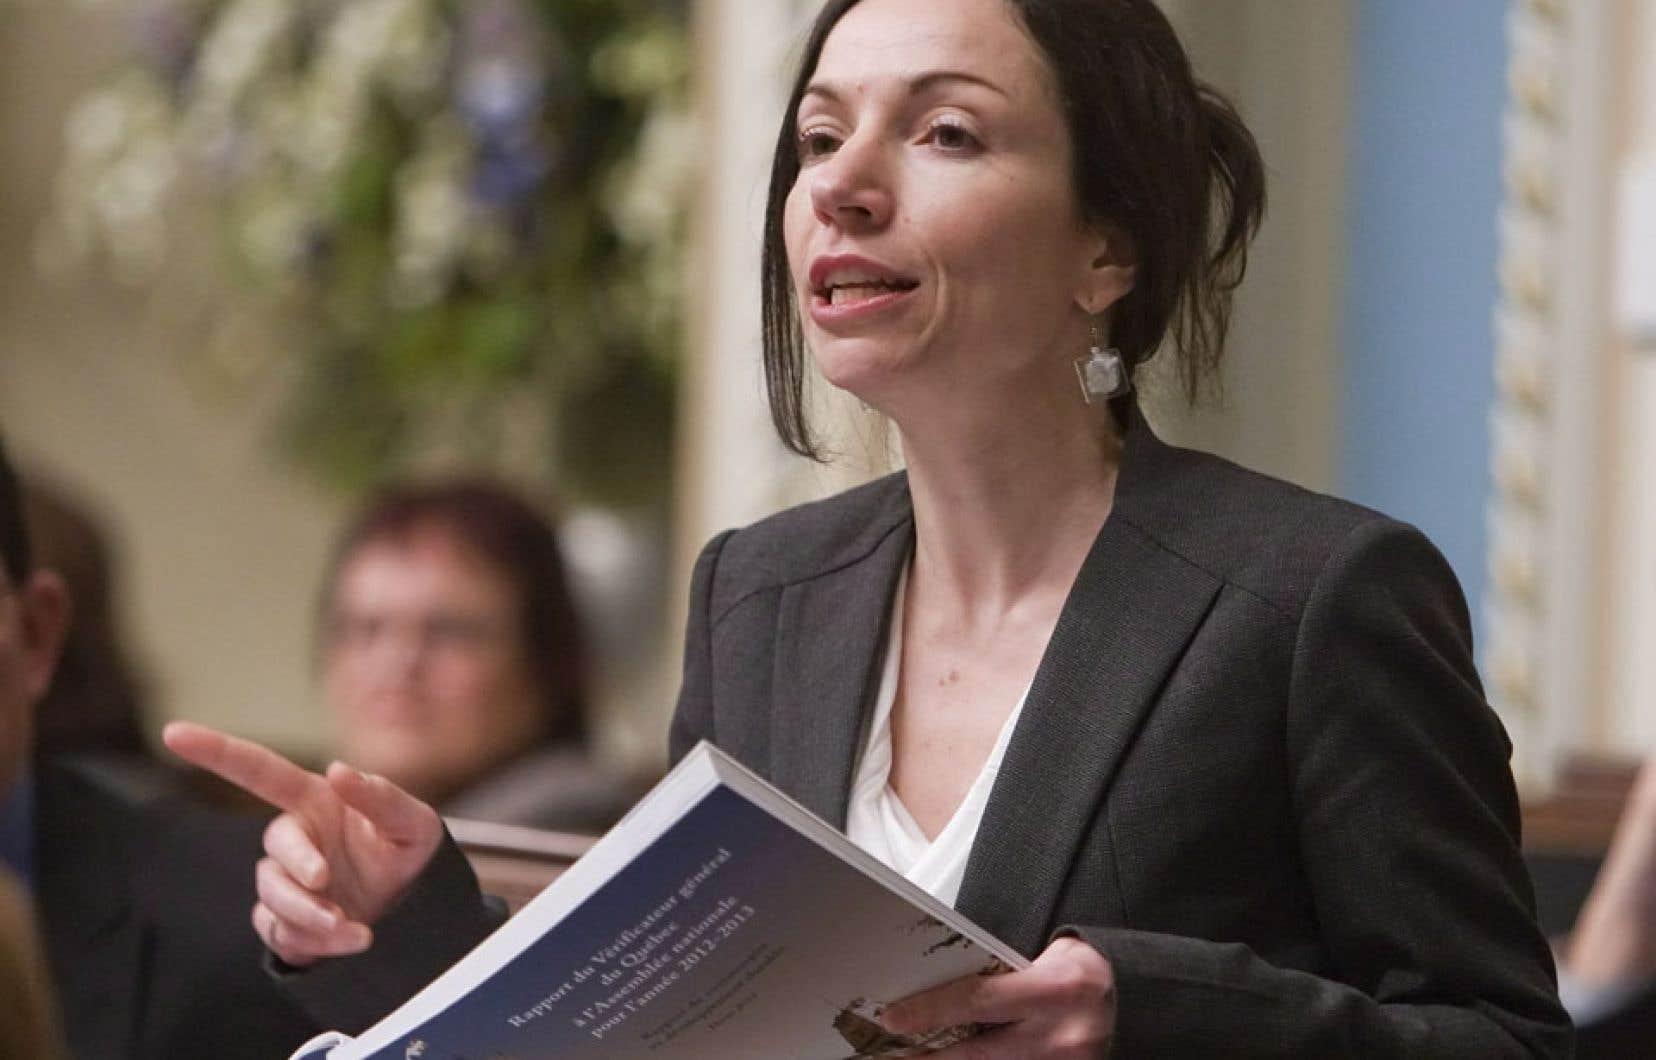 La ministre des Ressources naturelles, Martine Ouellet, a essuyé la colère de la députée Danielle St-Amand mercredi soir lors d'une séance de travail portant sur le rapport de la commission. Jeudi, la députée a rendu public un communiqué lui présentant ses excuses.